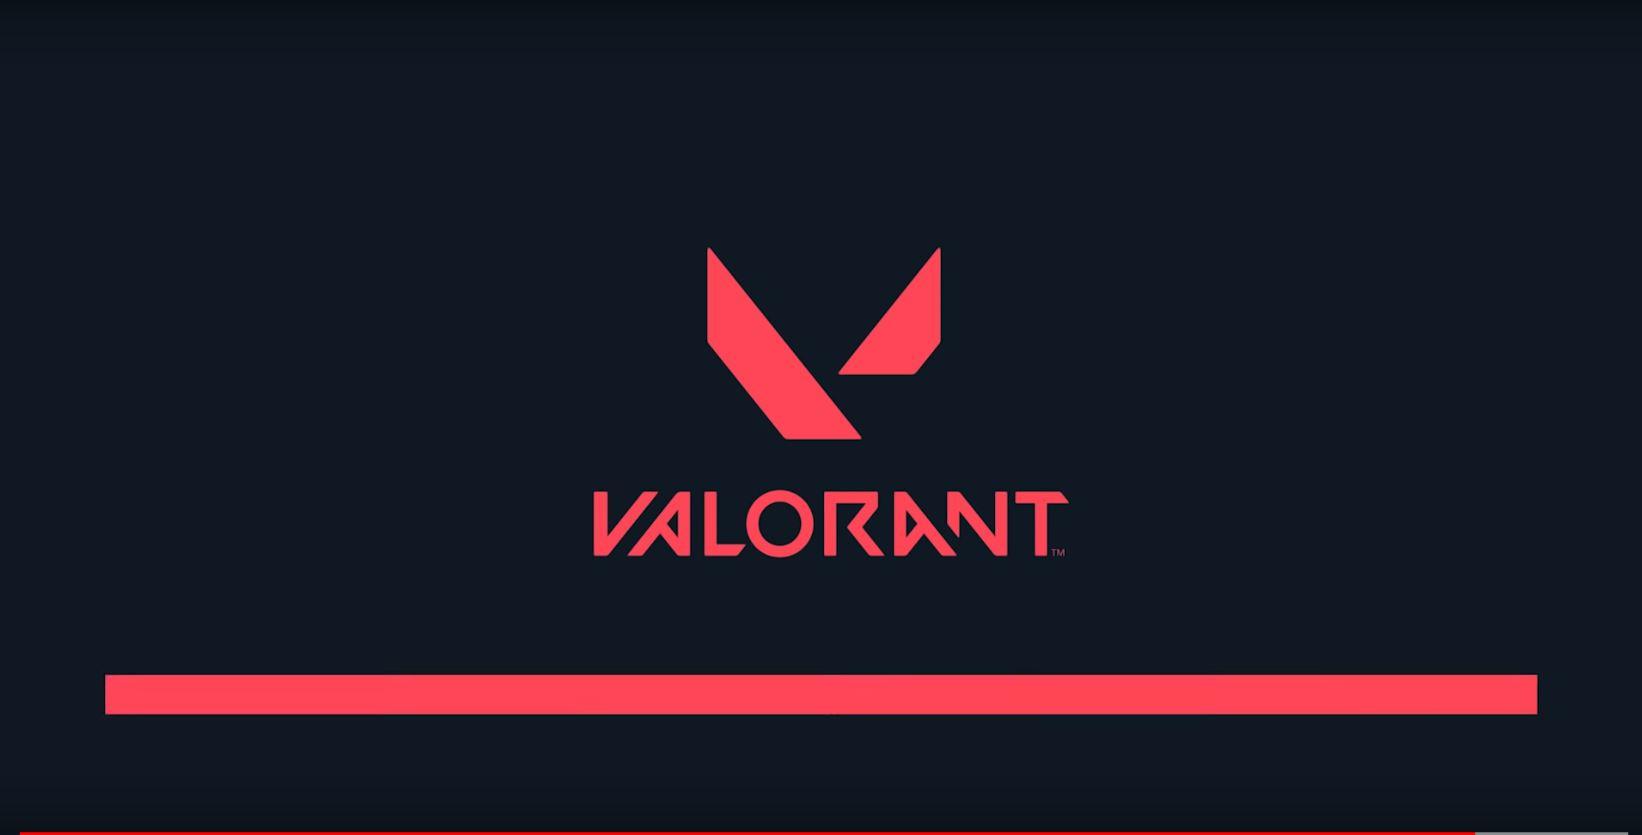 Un nuevo vídeo de Valorant revela más información sobre las habilidades